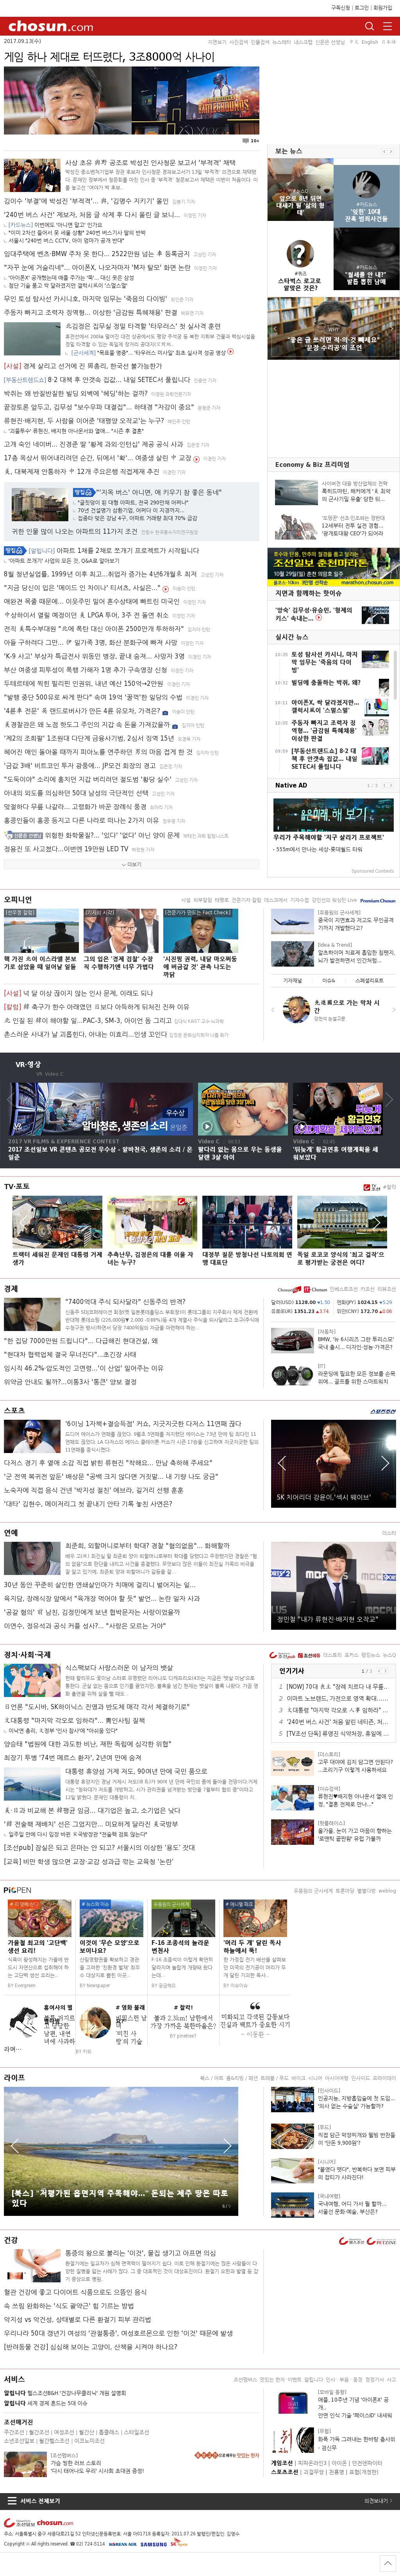 chosun.com at Wednesday Sept. 13, 2017, 12:02 p.m. UTC